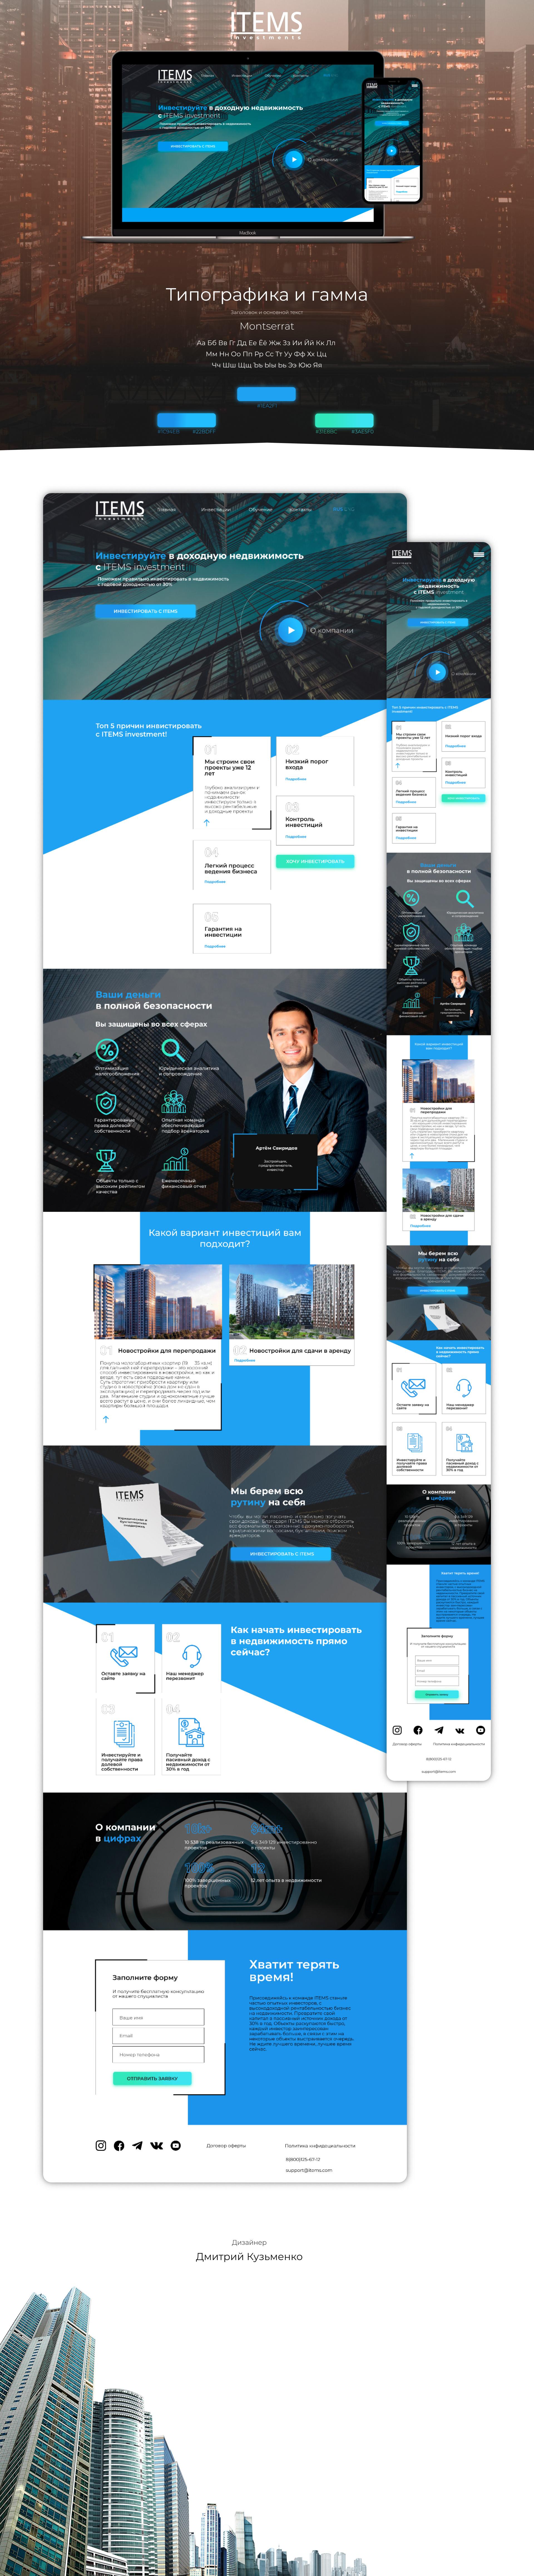 Landing ITEMS Investments, инвестиции в недвижимость